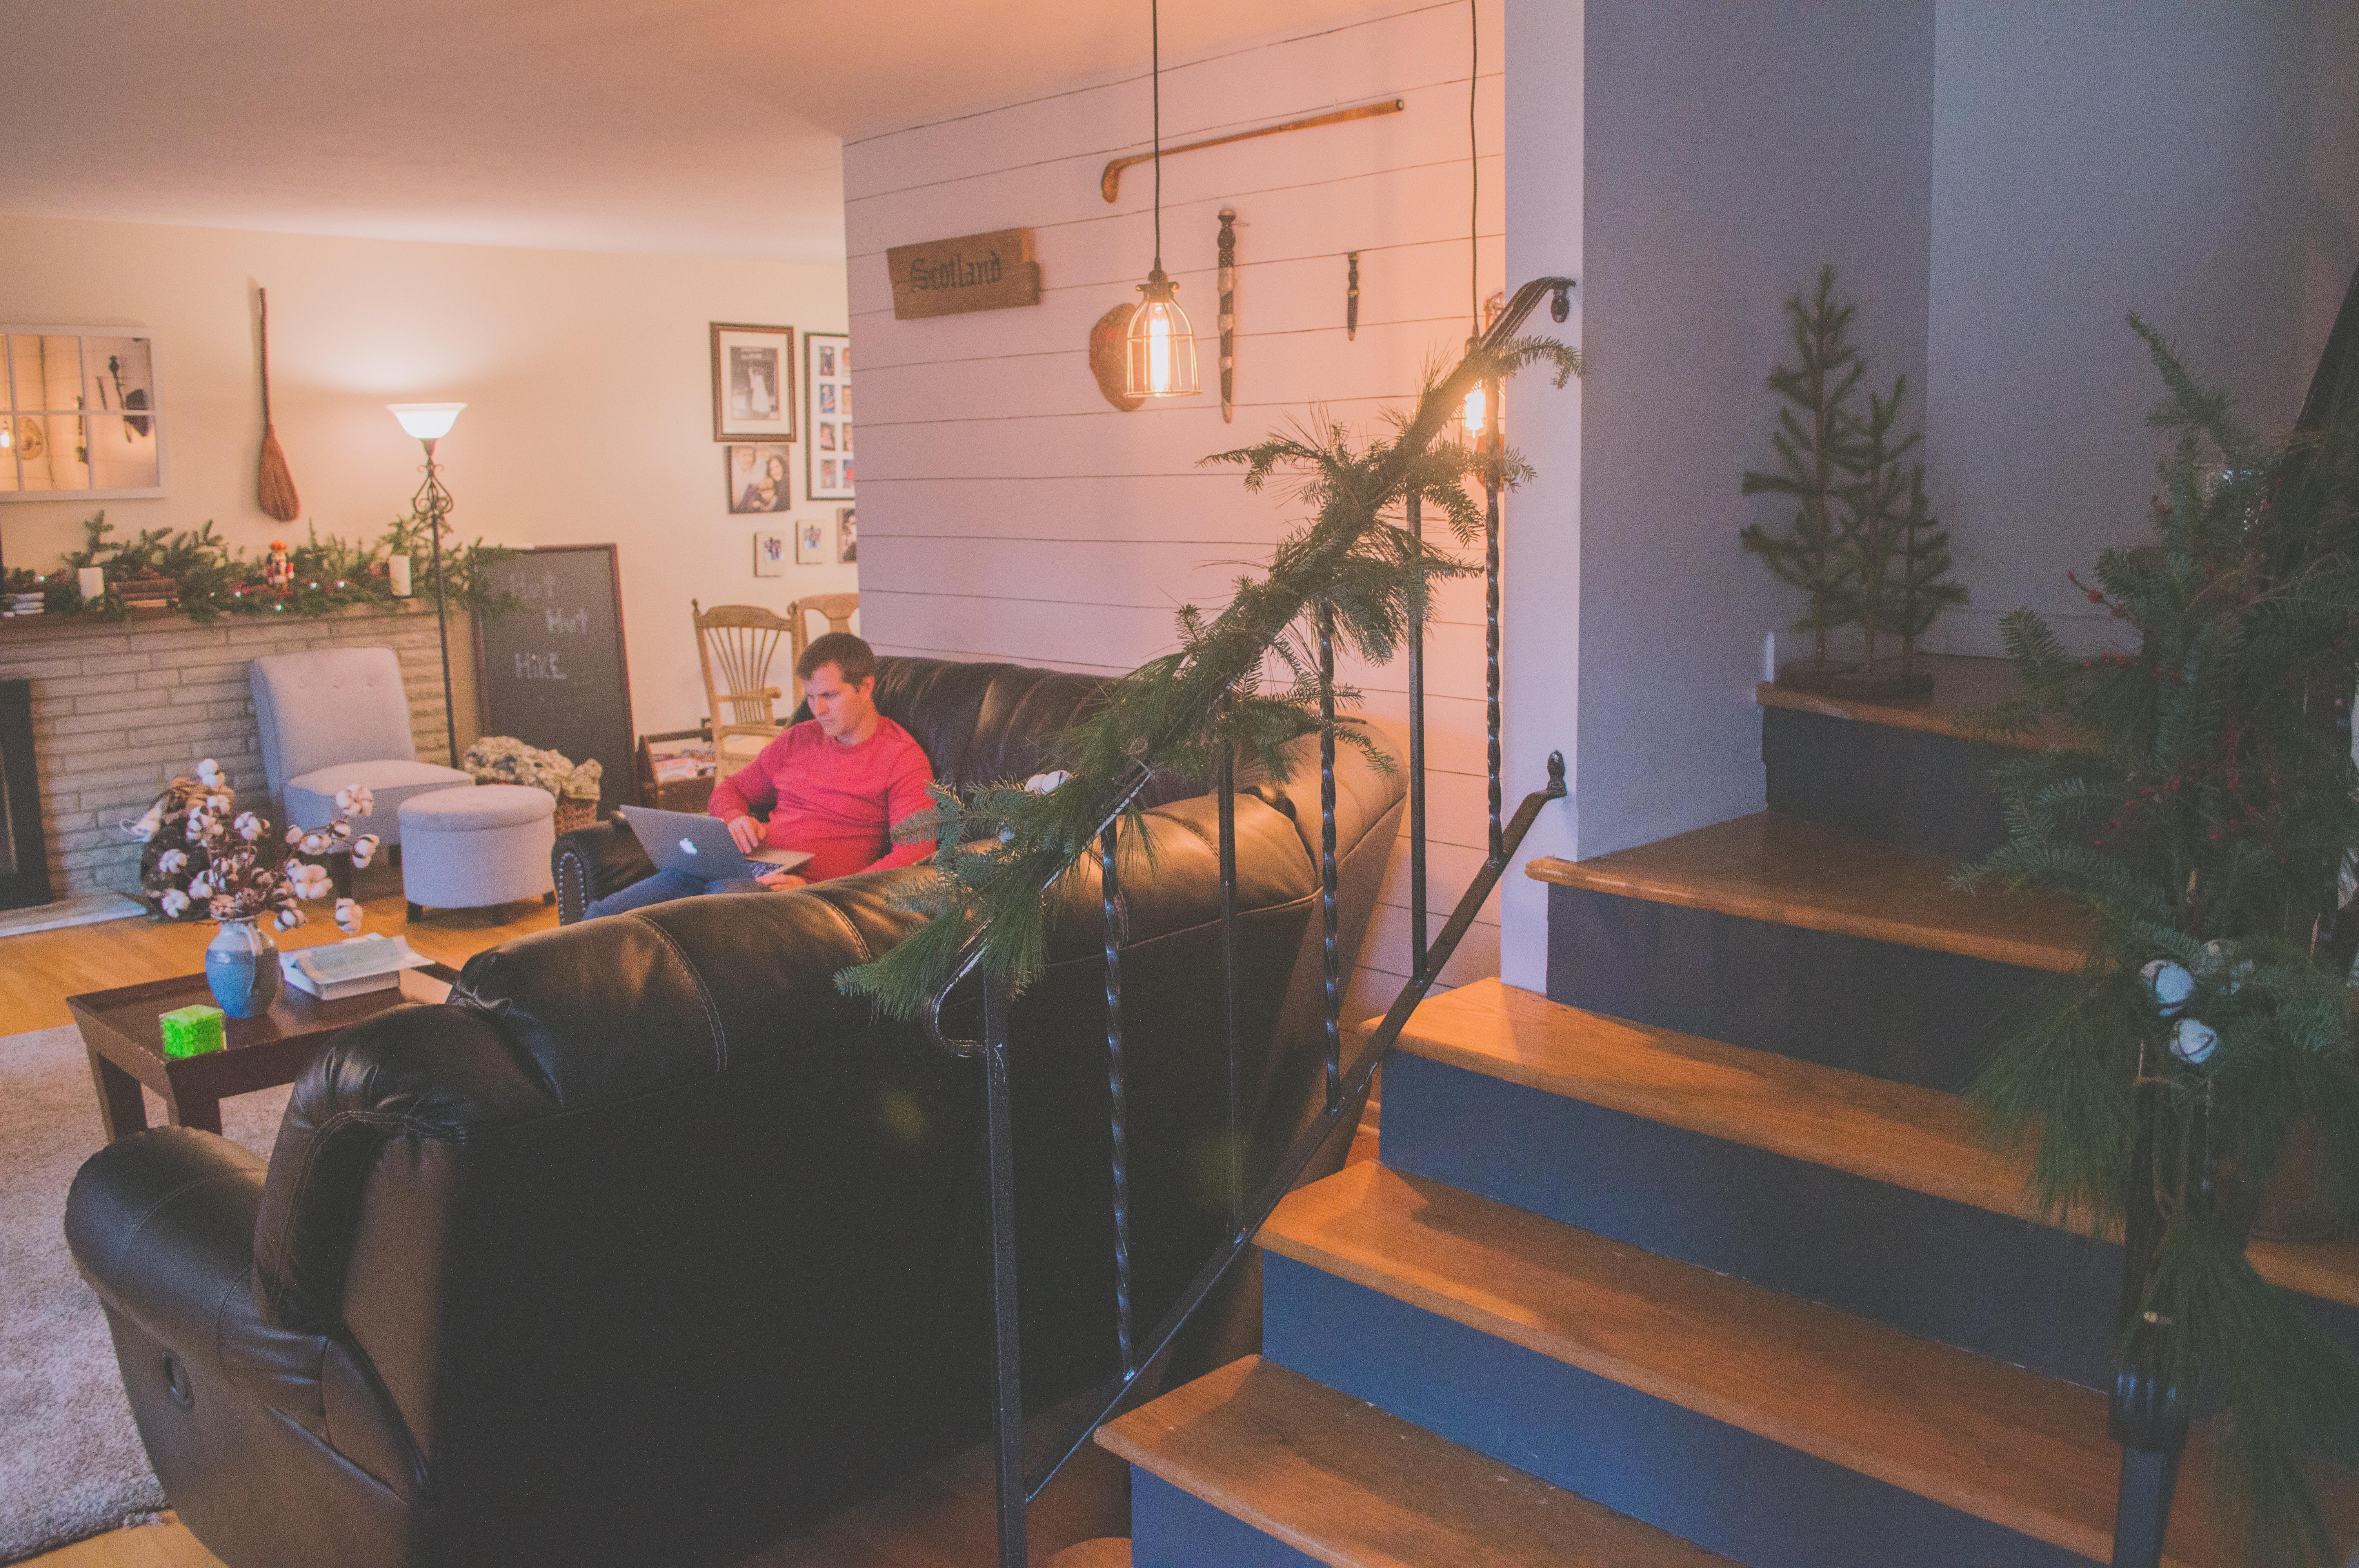 Sedie Decorate Per Natale : Immagini belle attività commerciale sedia natale computer